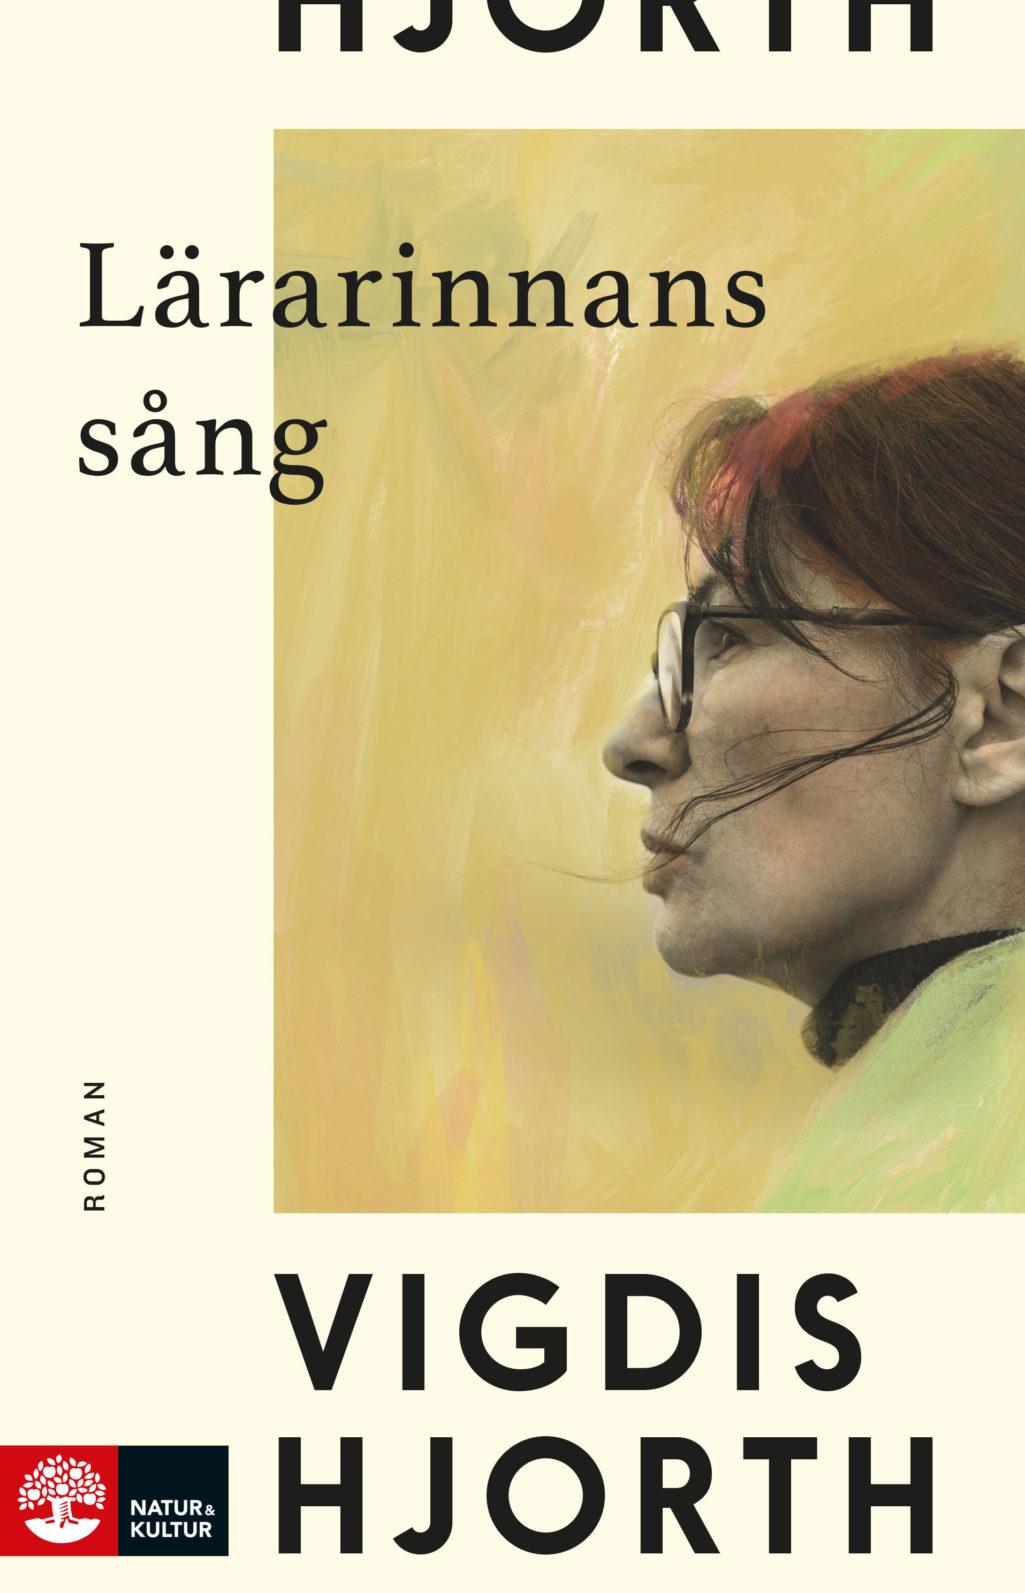 lararinnans-sang-vigdis-hjorth-2